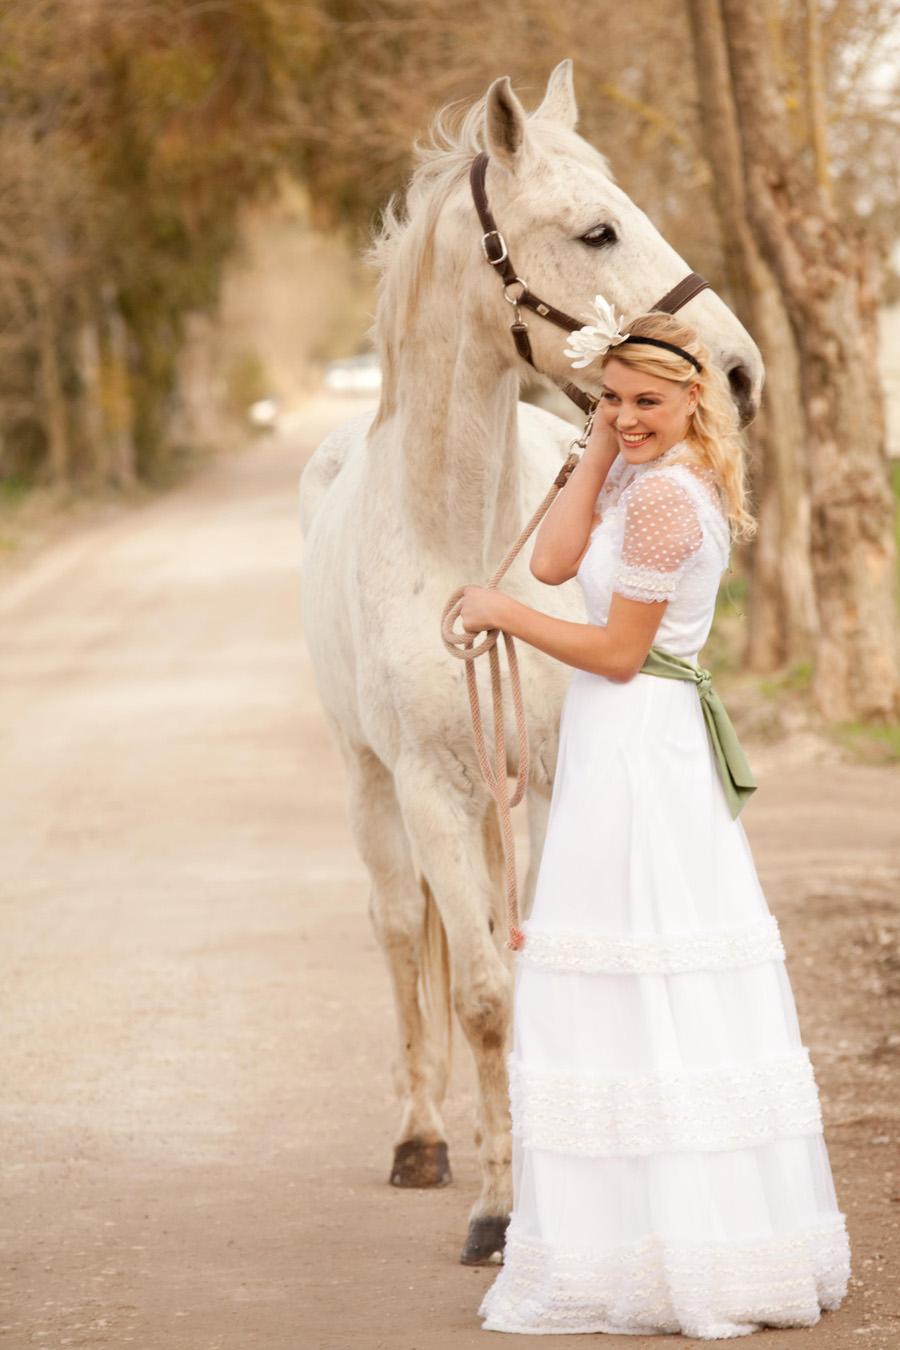 Matrimonio Country Chic Vestito : Abito da sposa stile country dionisia events un matrimonio tra